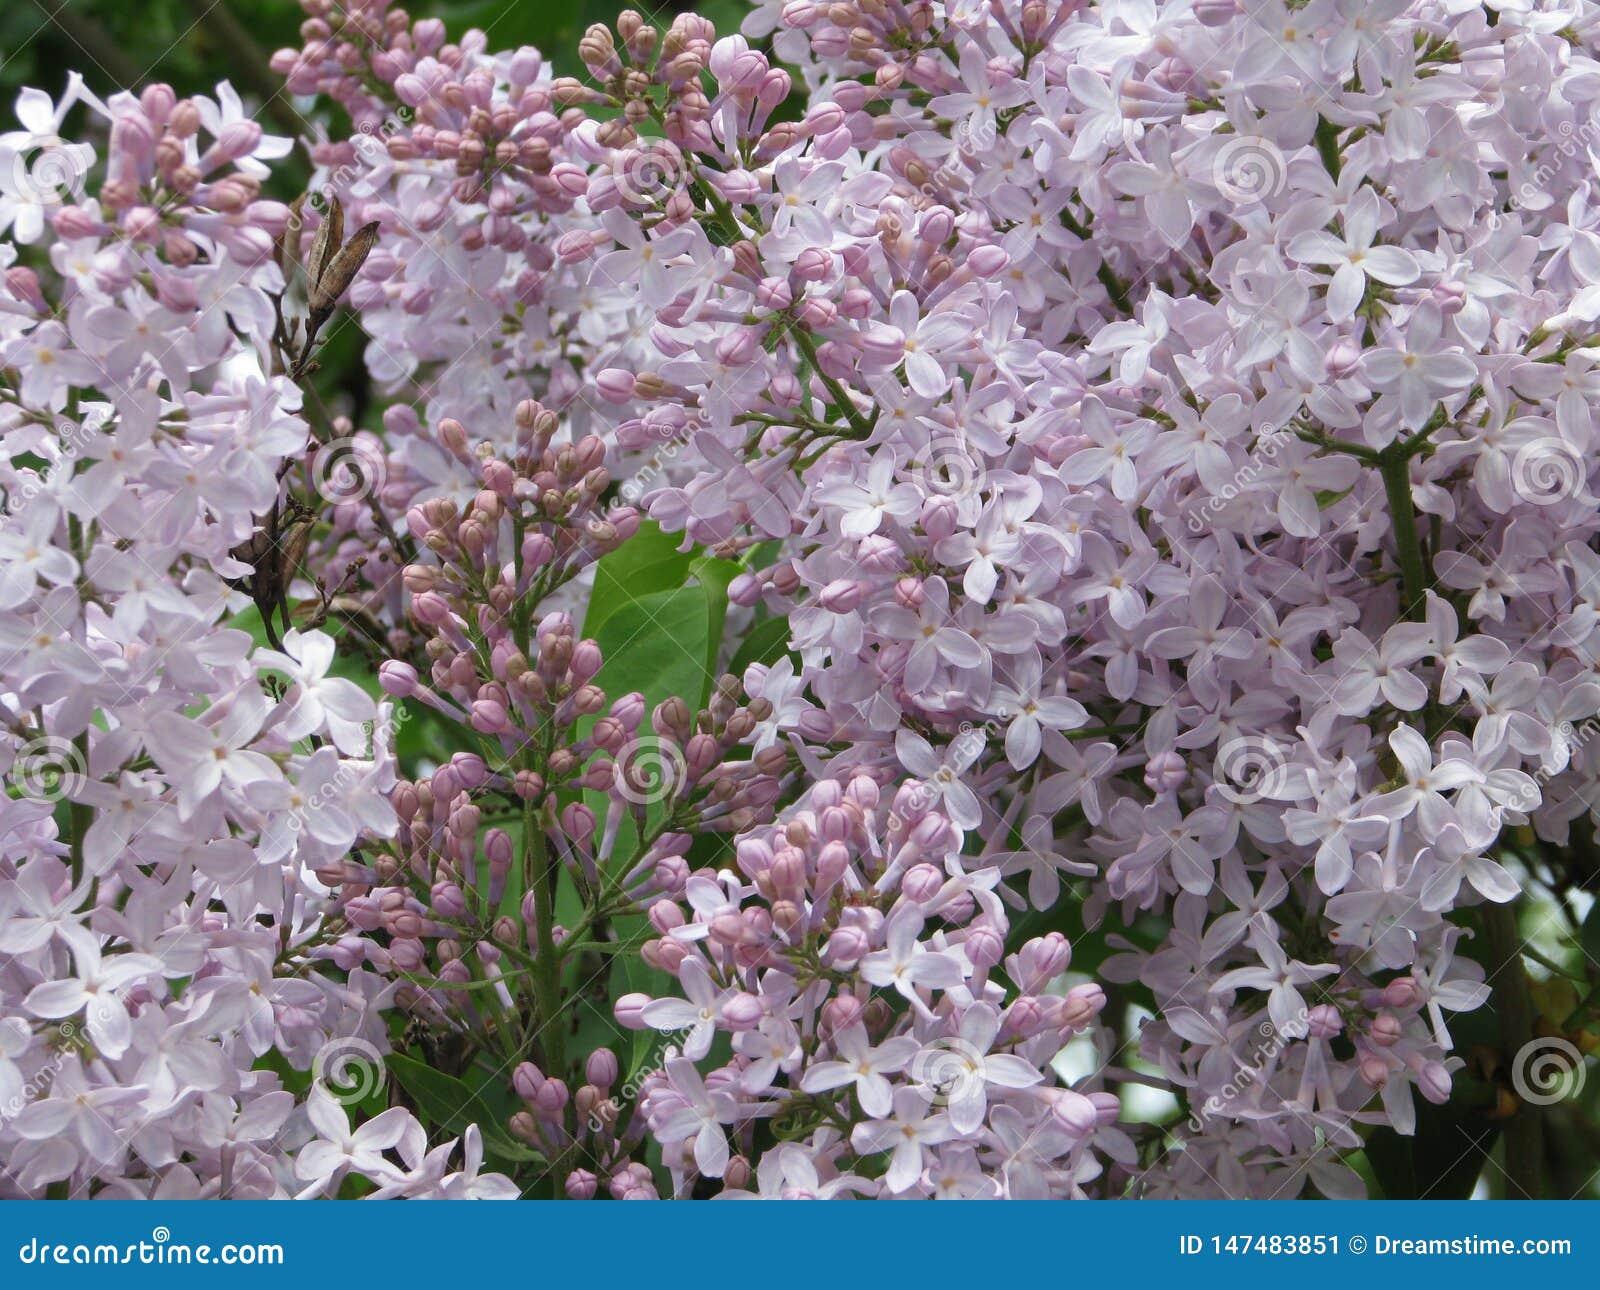 Un sentido de la alegría y continuación de la vida, mirando en la lila del arbusto